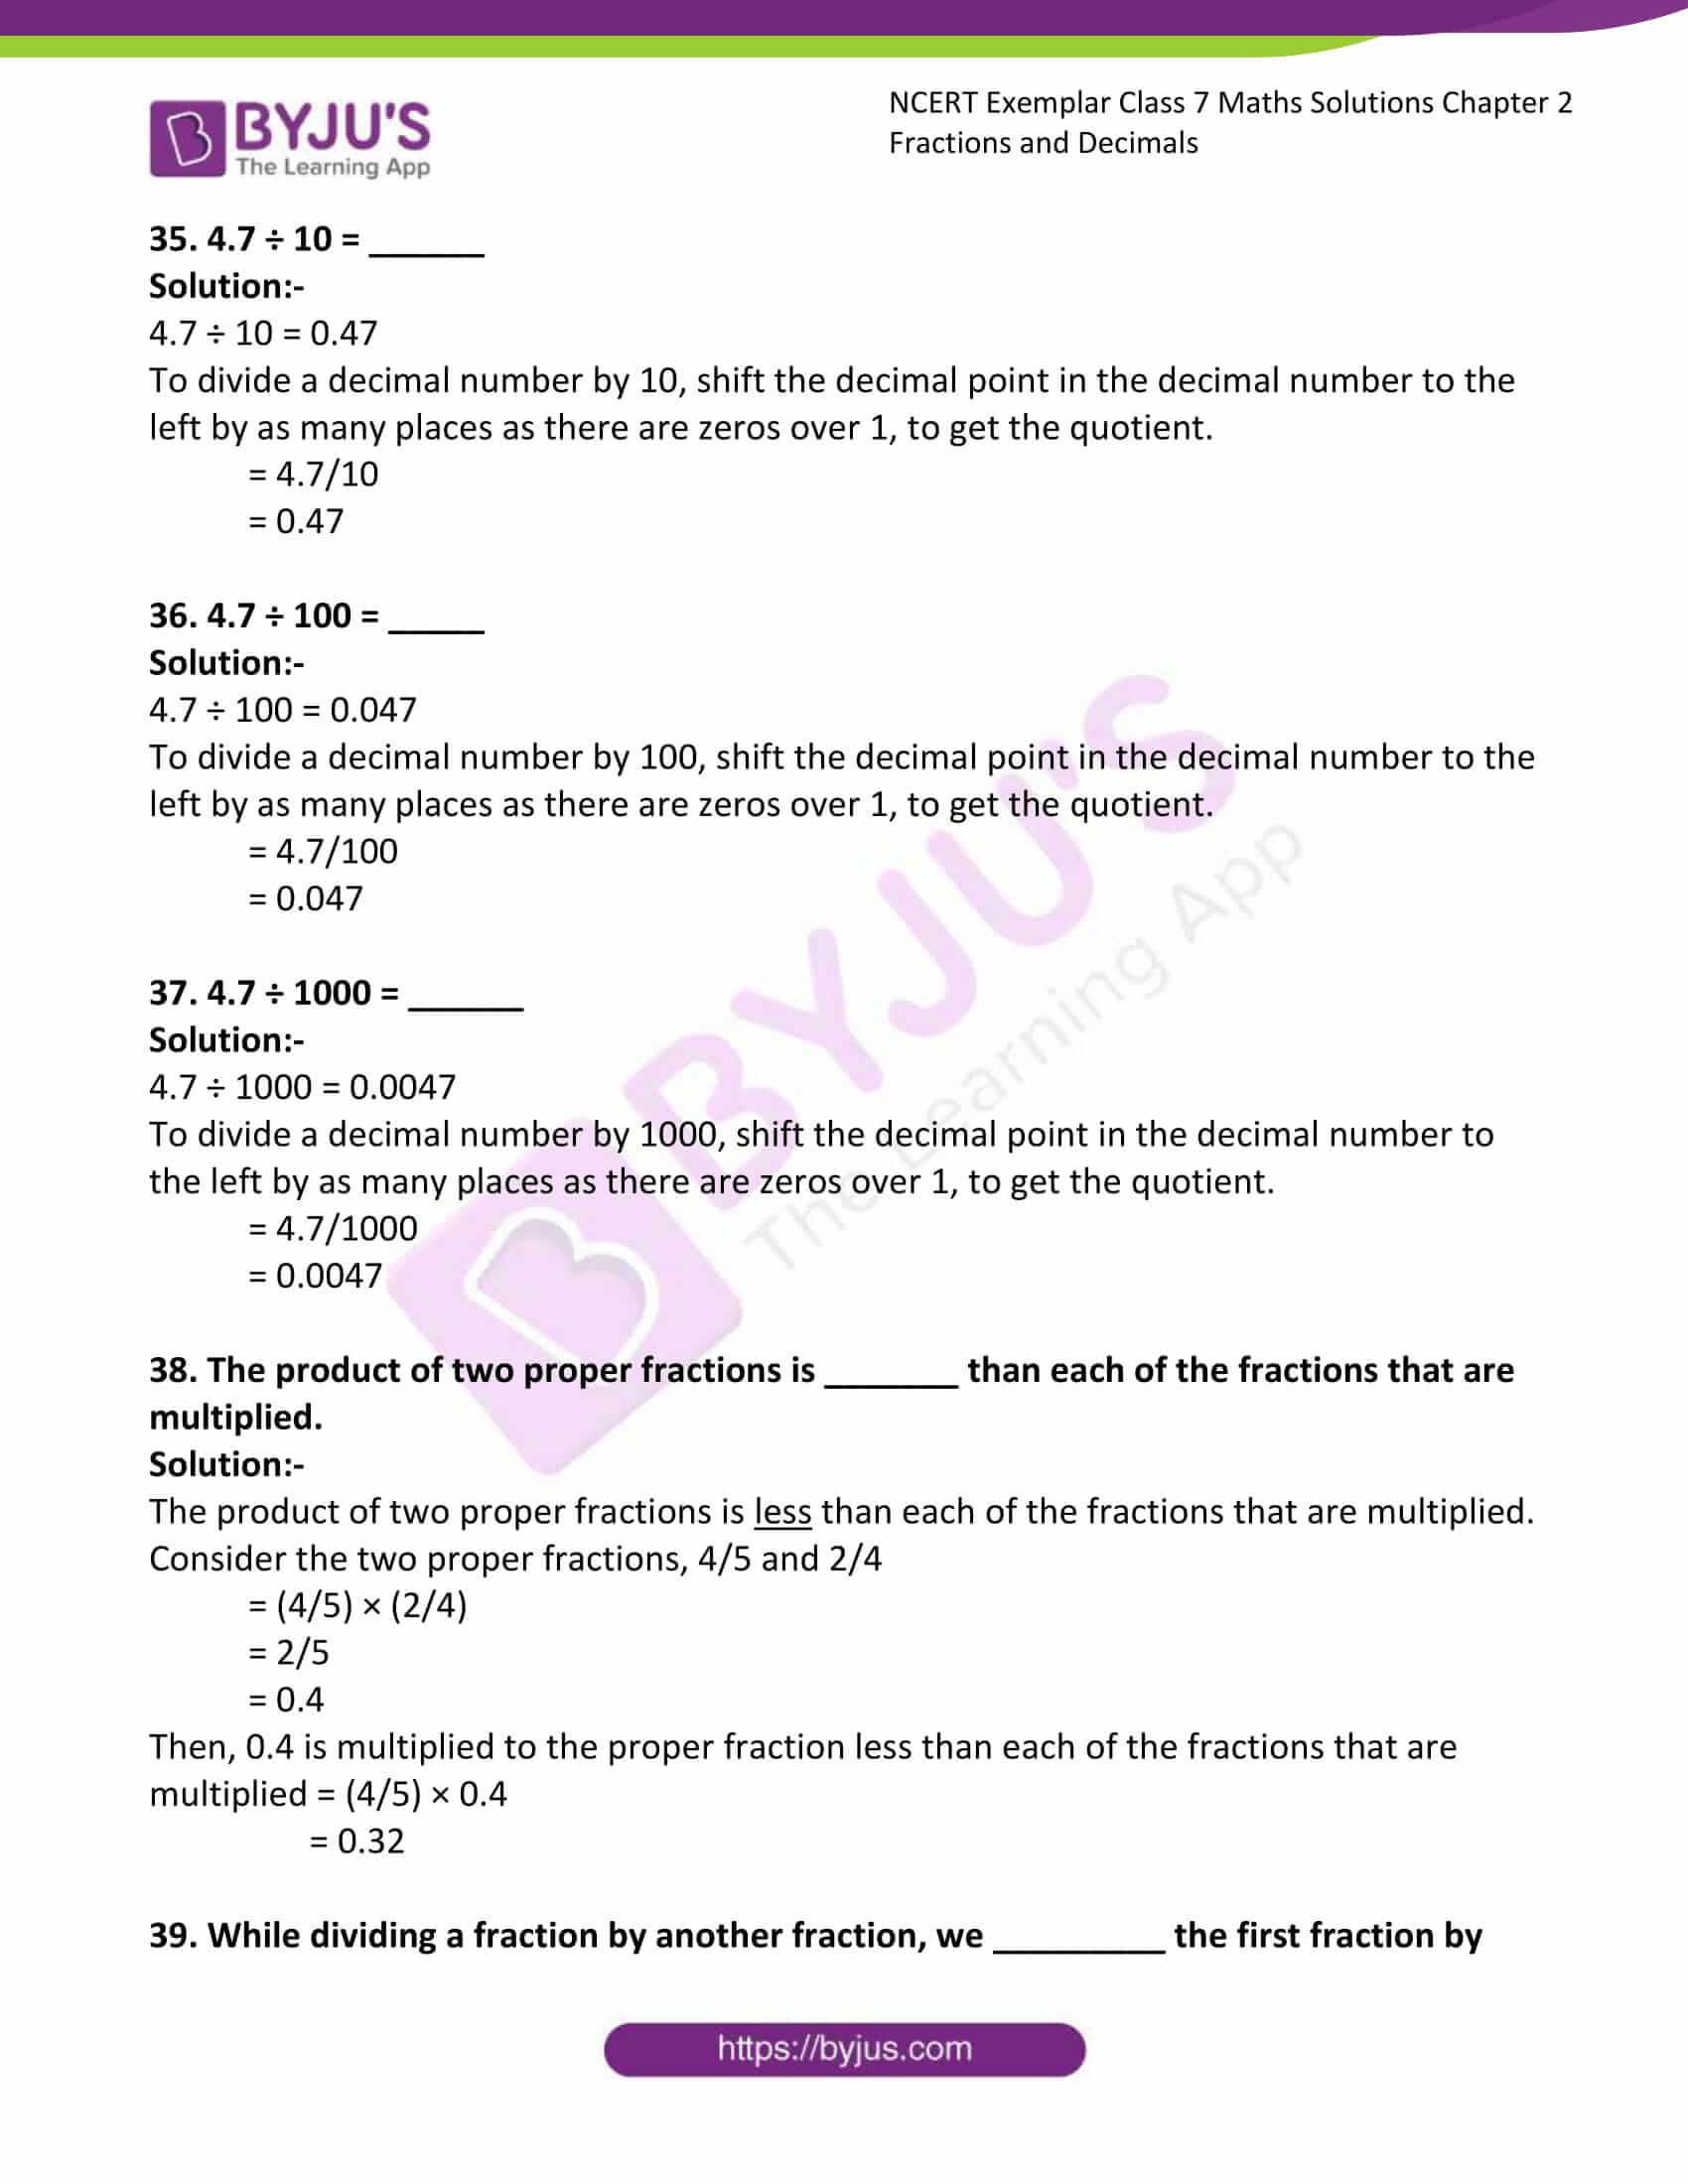 ncert exemplar nov2020 class 7 maths solutions chapter 2 10